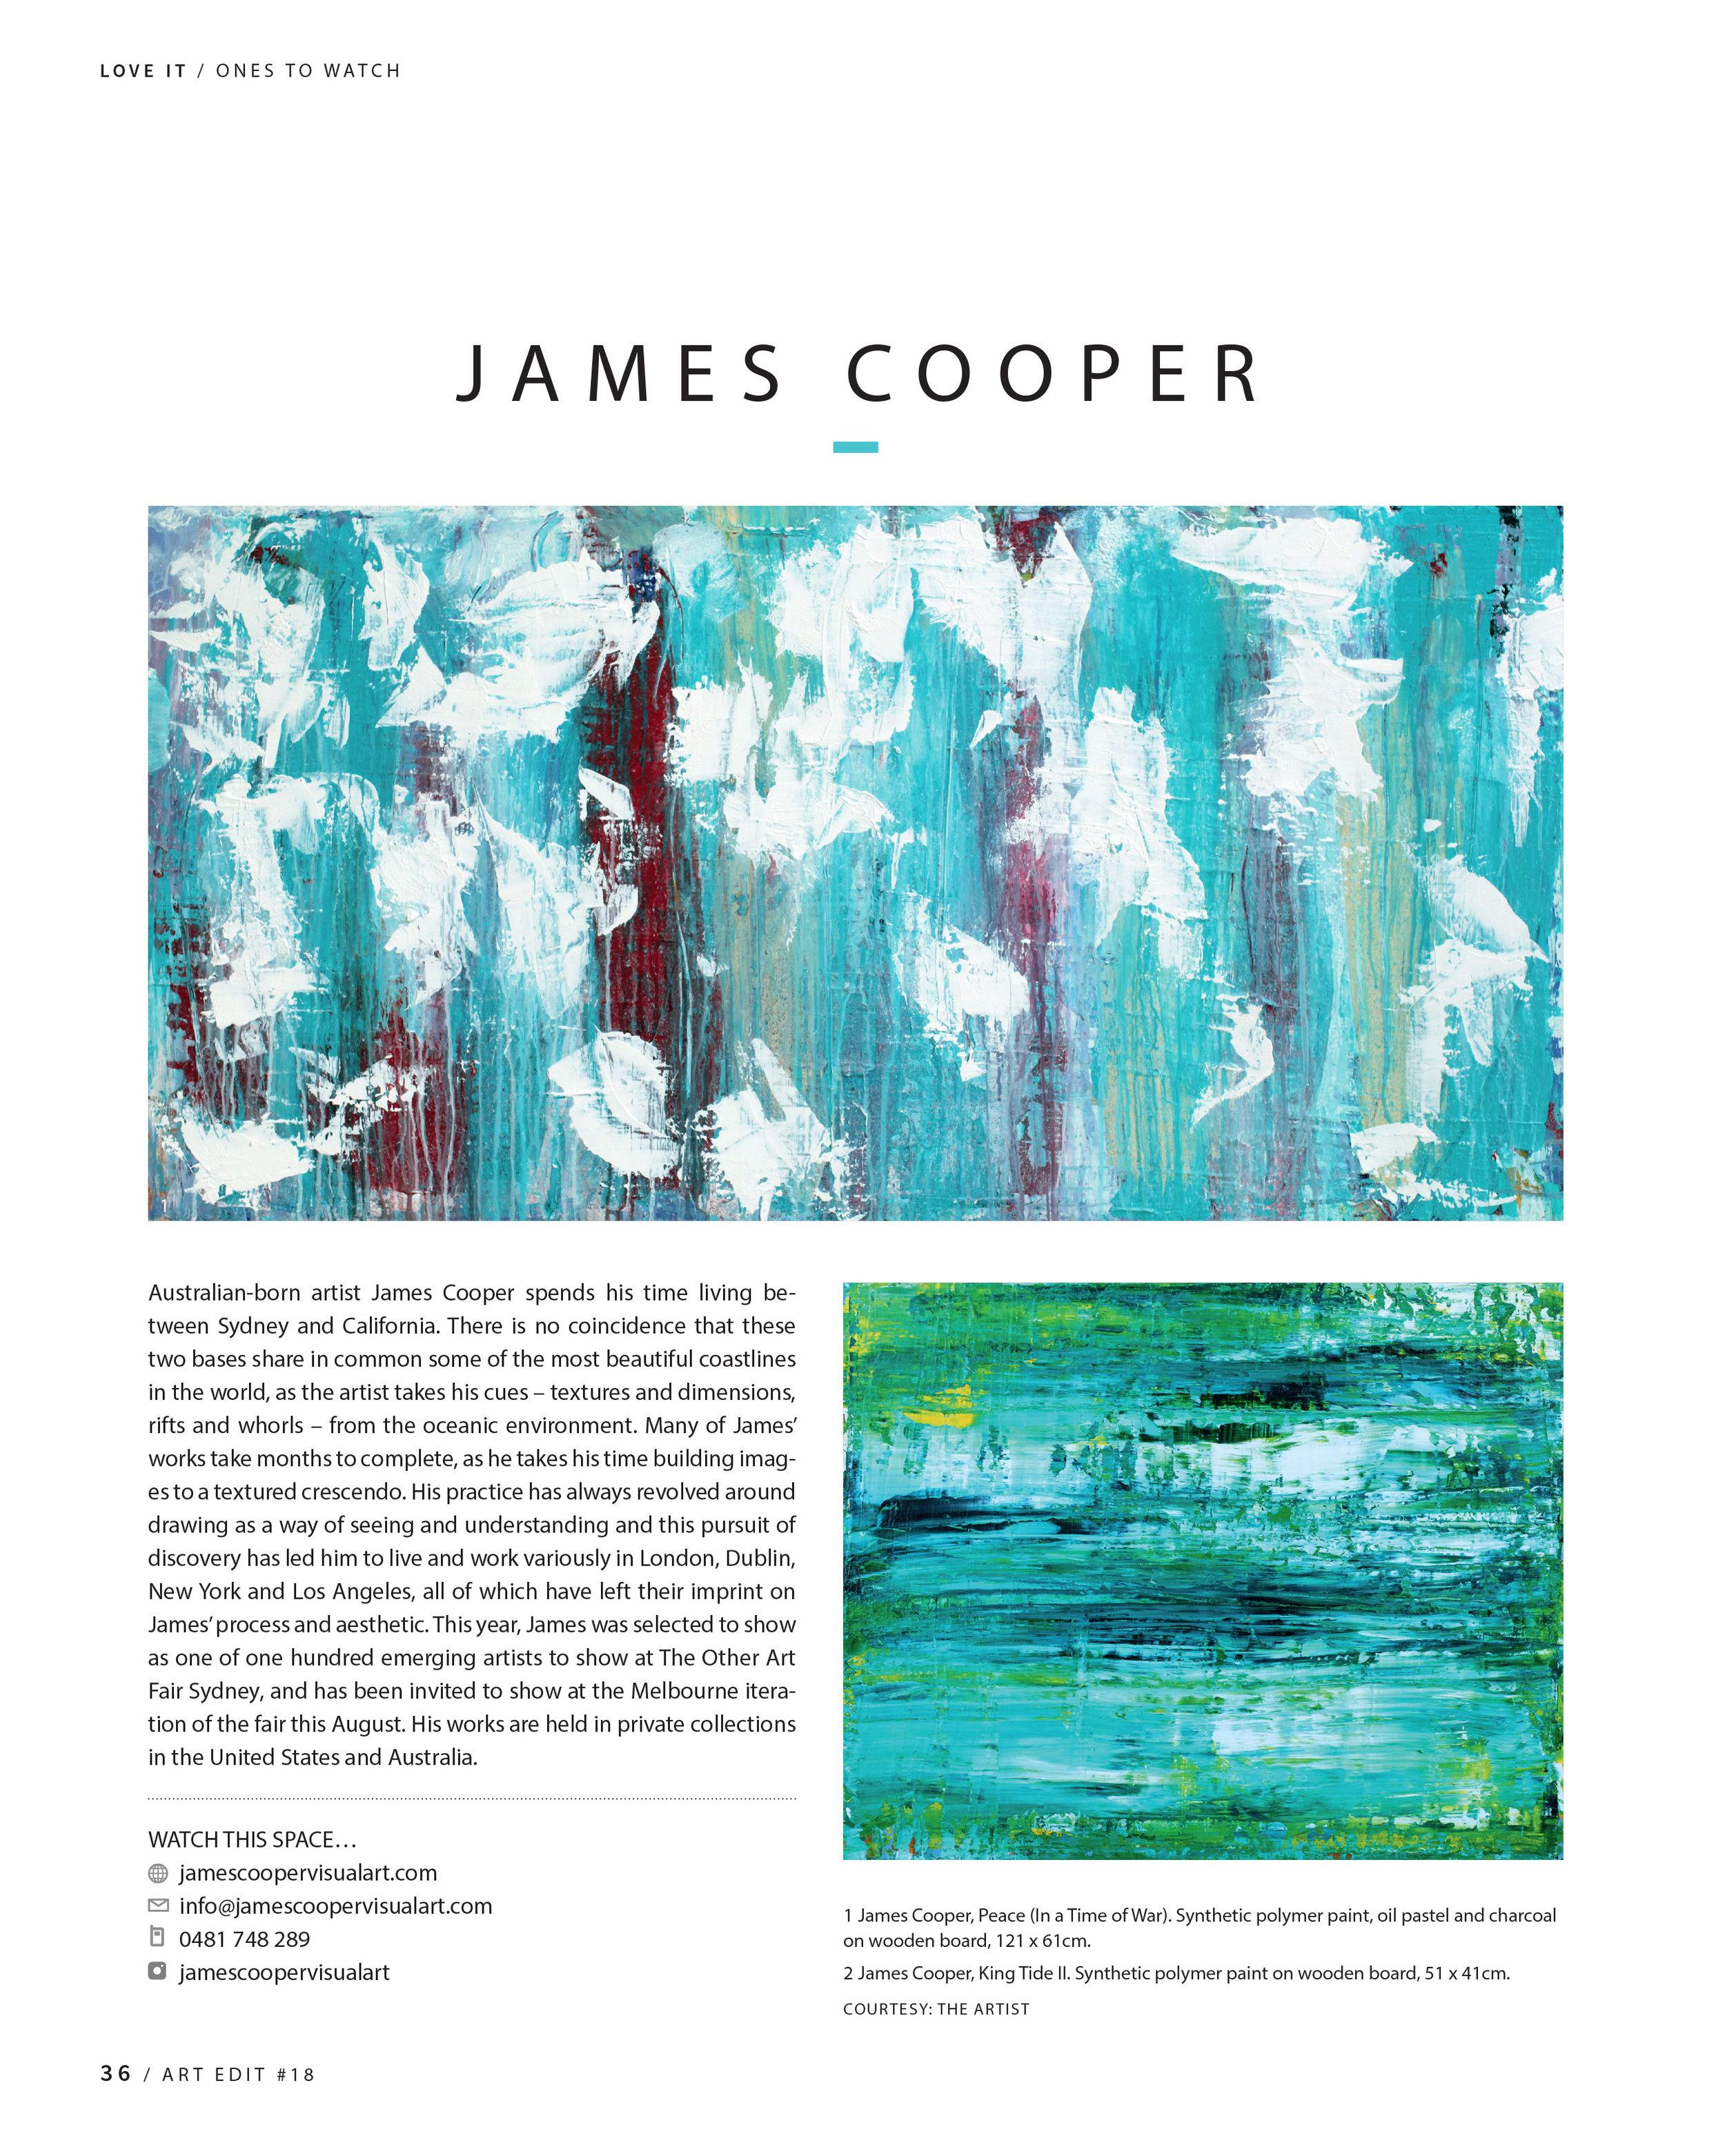 ArtEdit-Magazine-Ones-To-Watch-James-Cooper-Artist.jpg